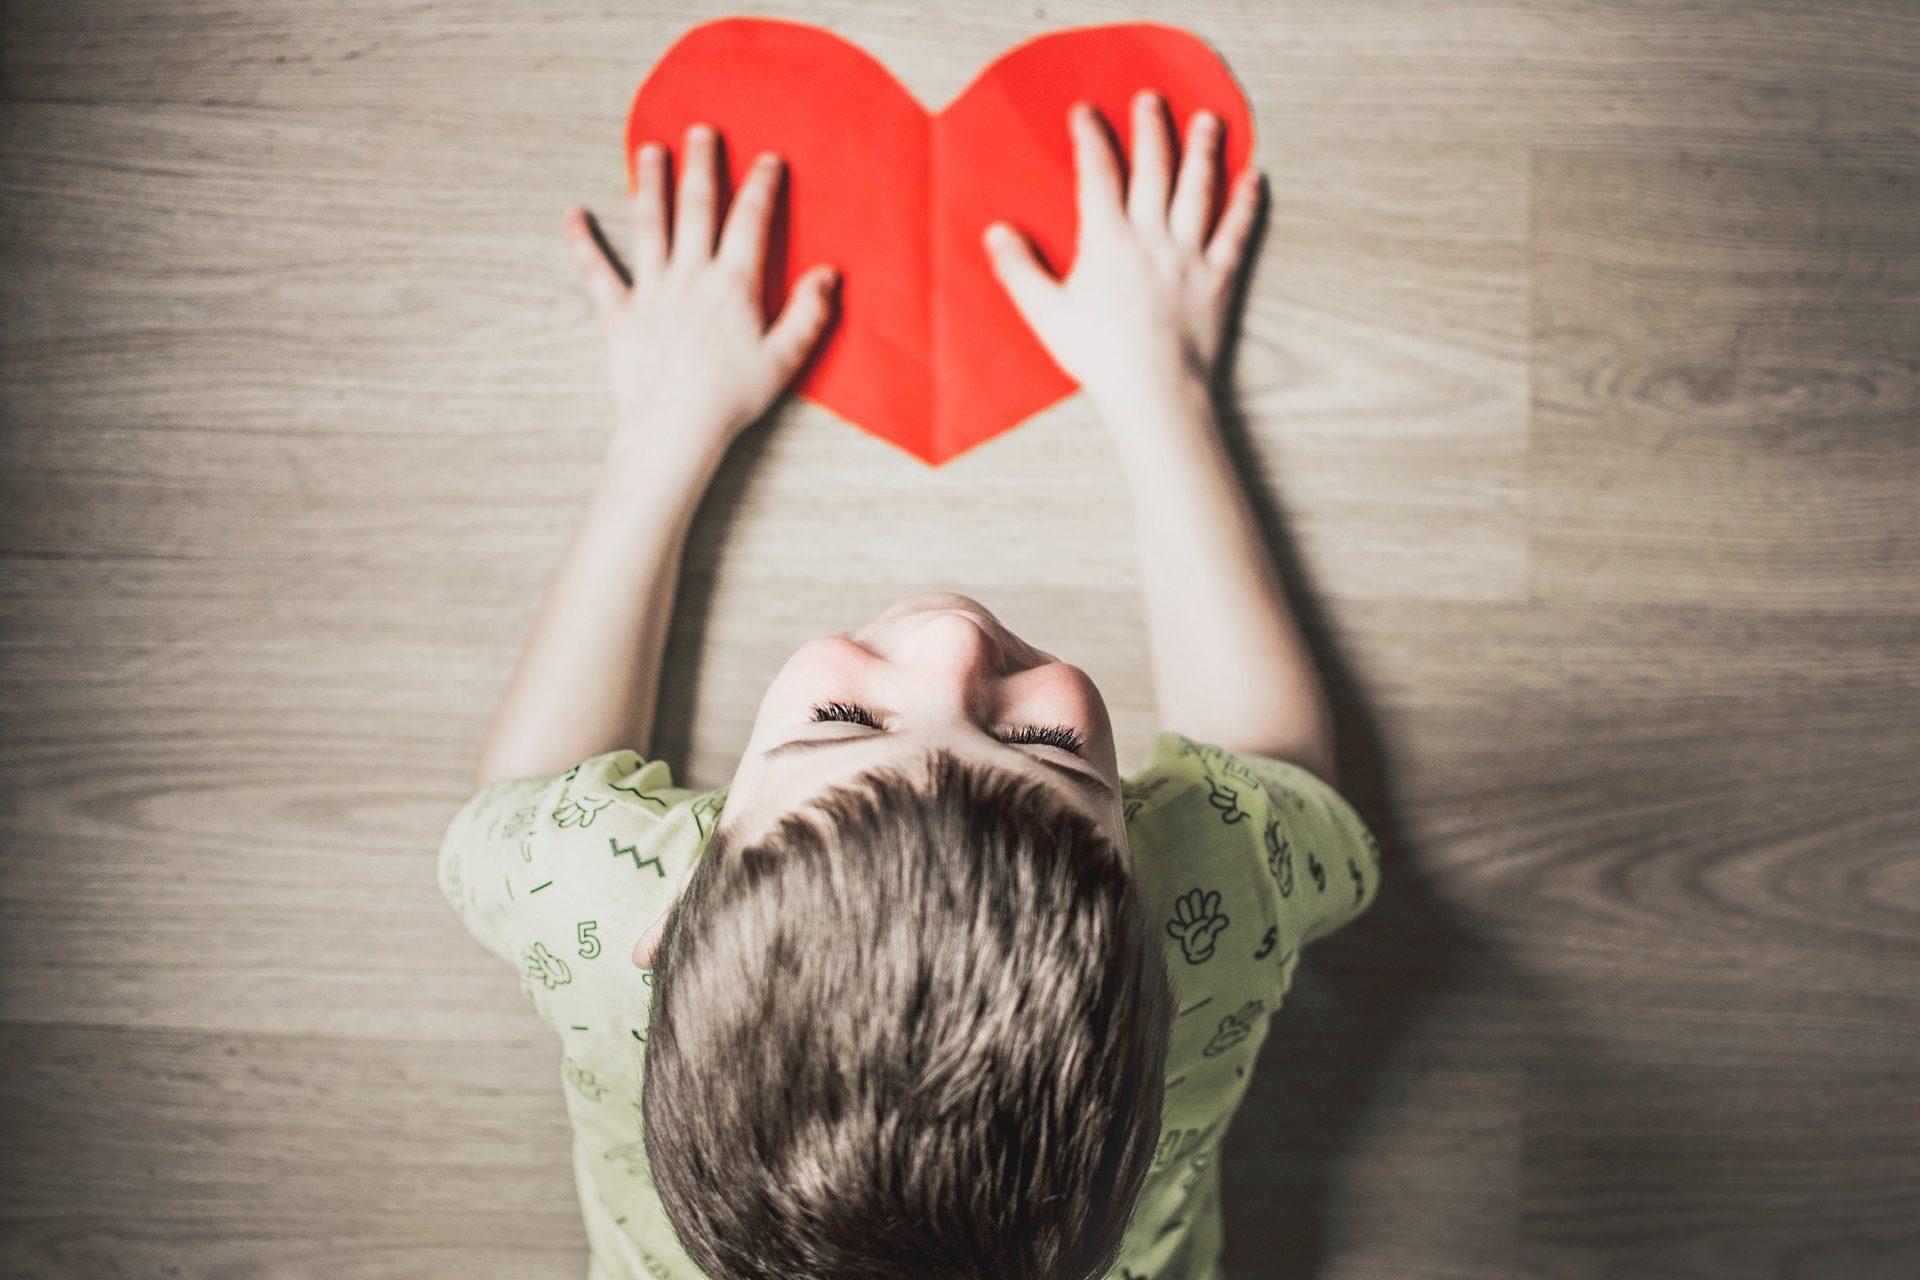 Kind mit Herz Website Elternblog 5 Sprachen der Liebe Isabelle von Abendroth Elternberatung, Elterncoaching, Elternworkshops